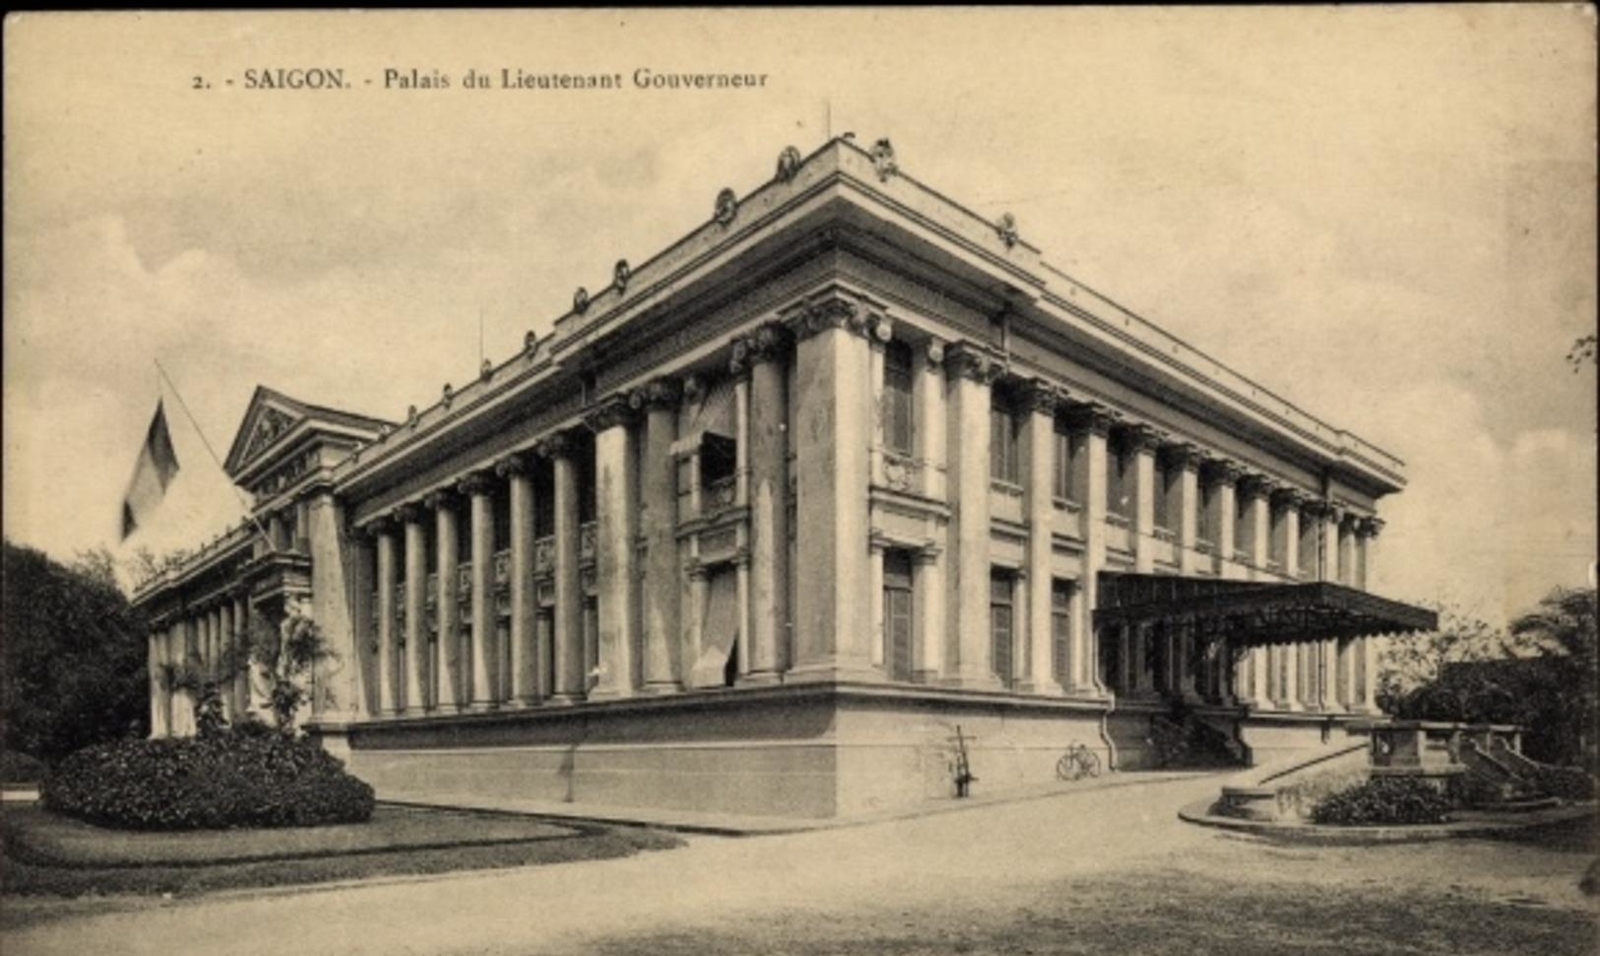 Hô Chi Minh-Ville -  Cp Saigon Cochinchine Vietnam, Palais du Lieutenant Gouverneur, Außenansicht, Tricolore